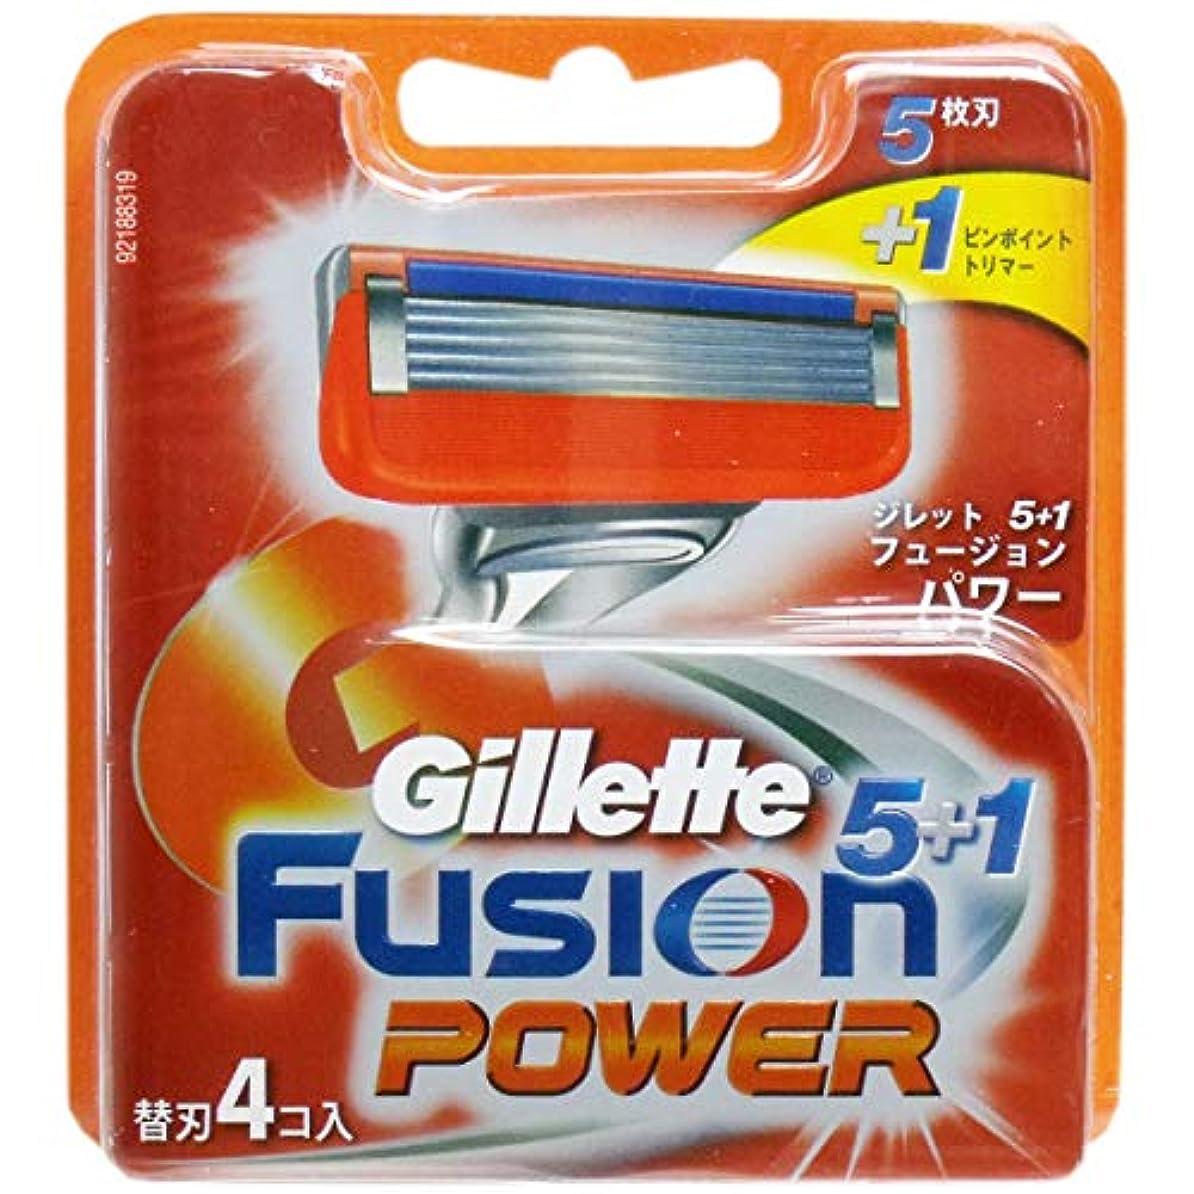 文法パトロール空いているジレット フュージョン5+1 パワー 替刃 4個入×2個セット